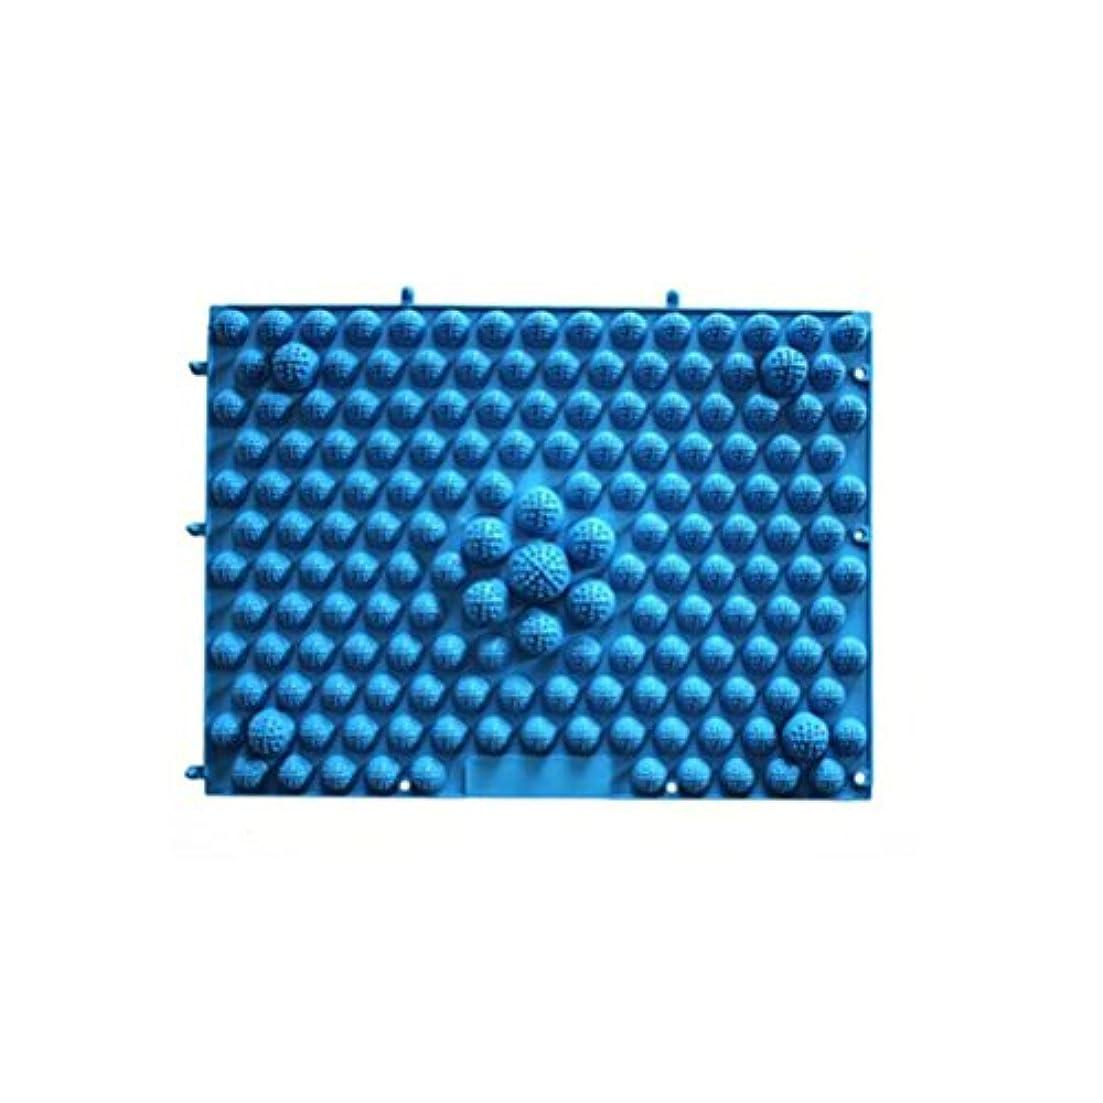 混沌コークス酸ROSENICE 足マッサージマット 血液循環指圧マットフィートヘルスケアマッサージプレート(ブルー)